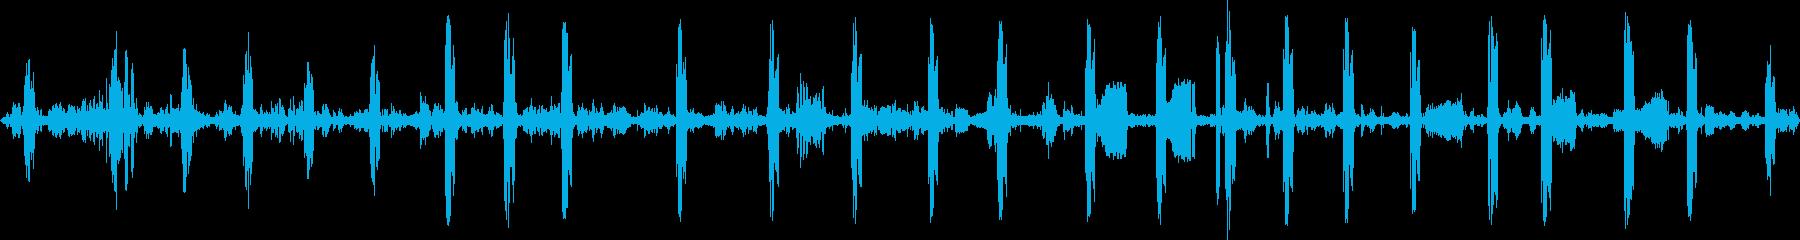 軽井沢の野鳥たち1の再生済みの波形